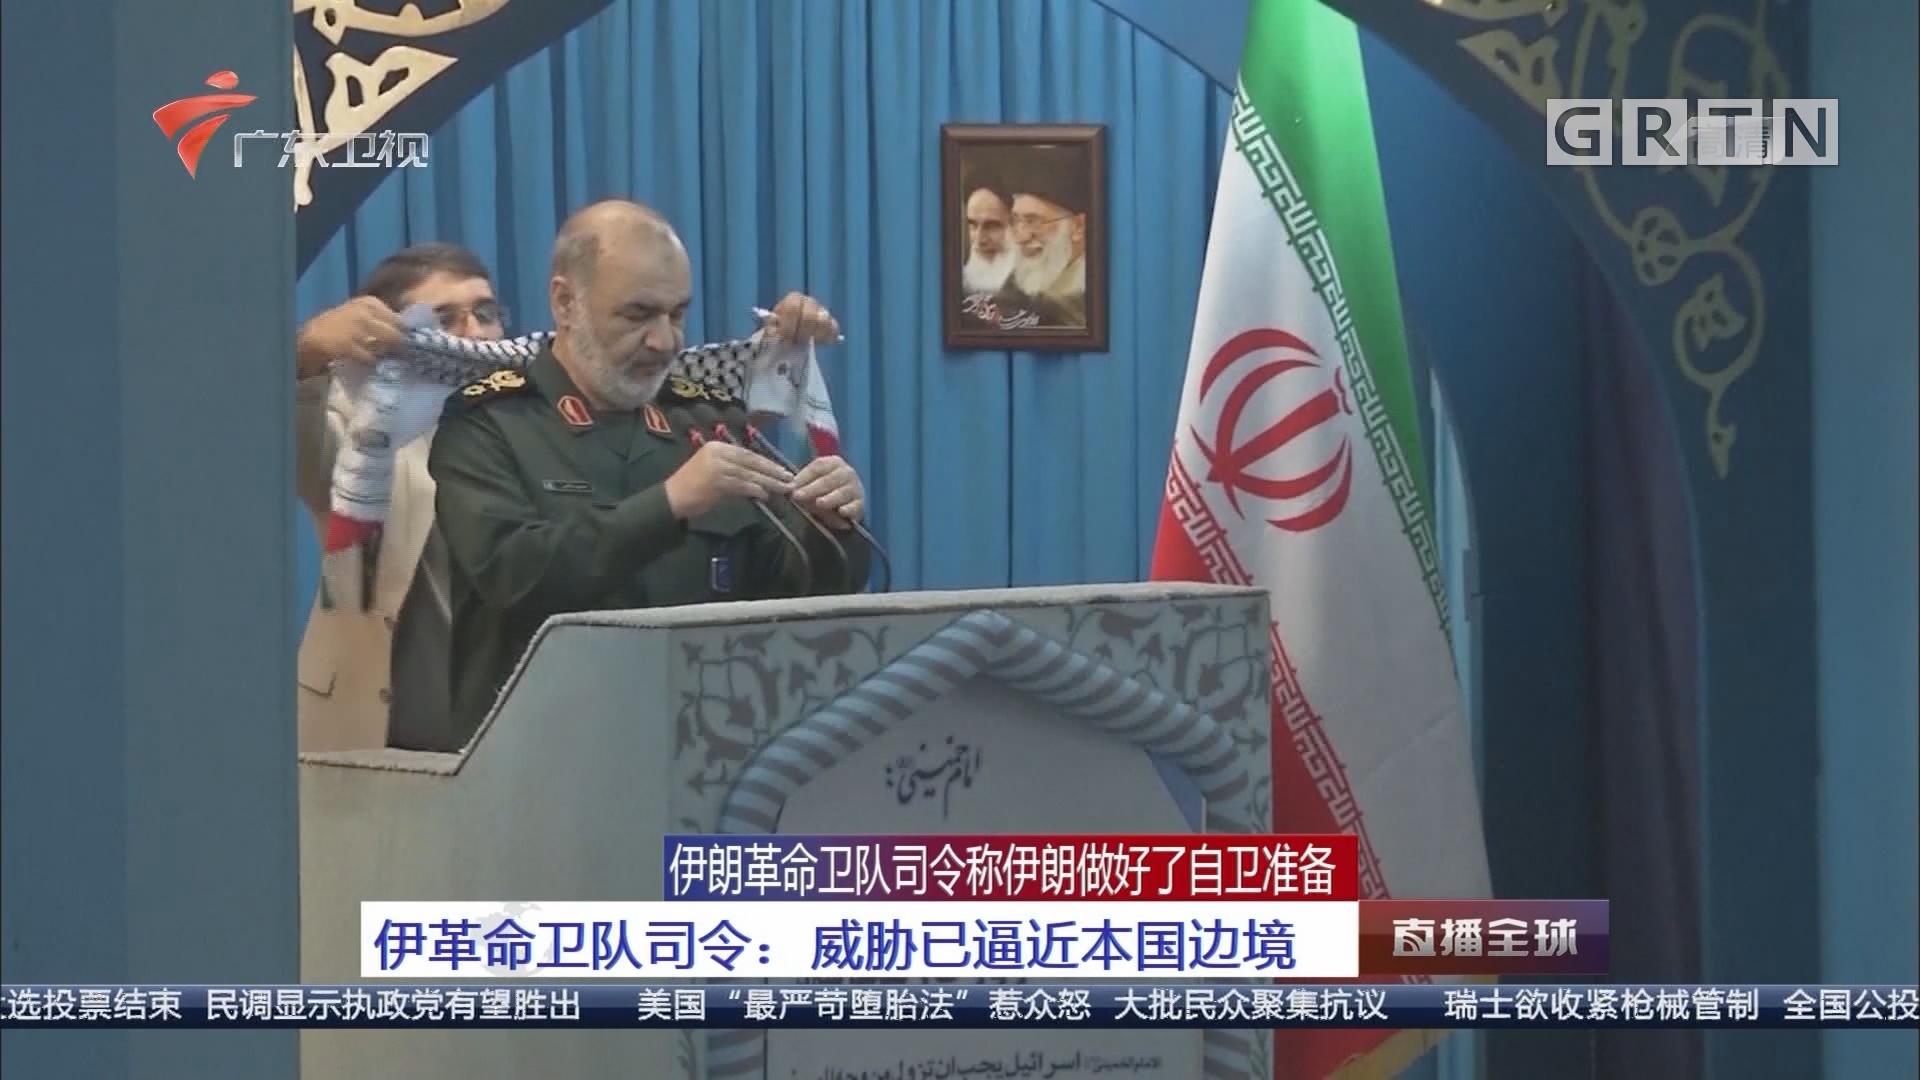 伊朗革命卫队司令称伊朗做好了自卫准备 伊革命卫队司令:威胁已逼近本国边境